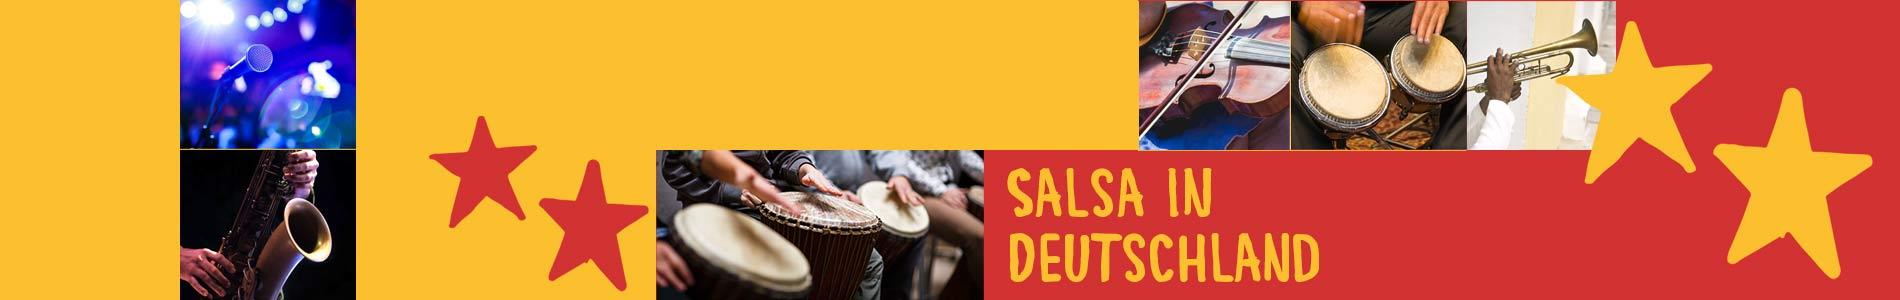 Salsa in Cavertitz – Salsa lernen und tanzen, Tanzkurse, Partys, Veranstaltungen